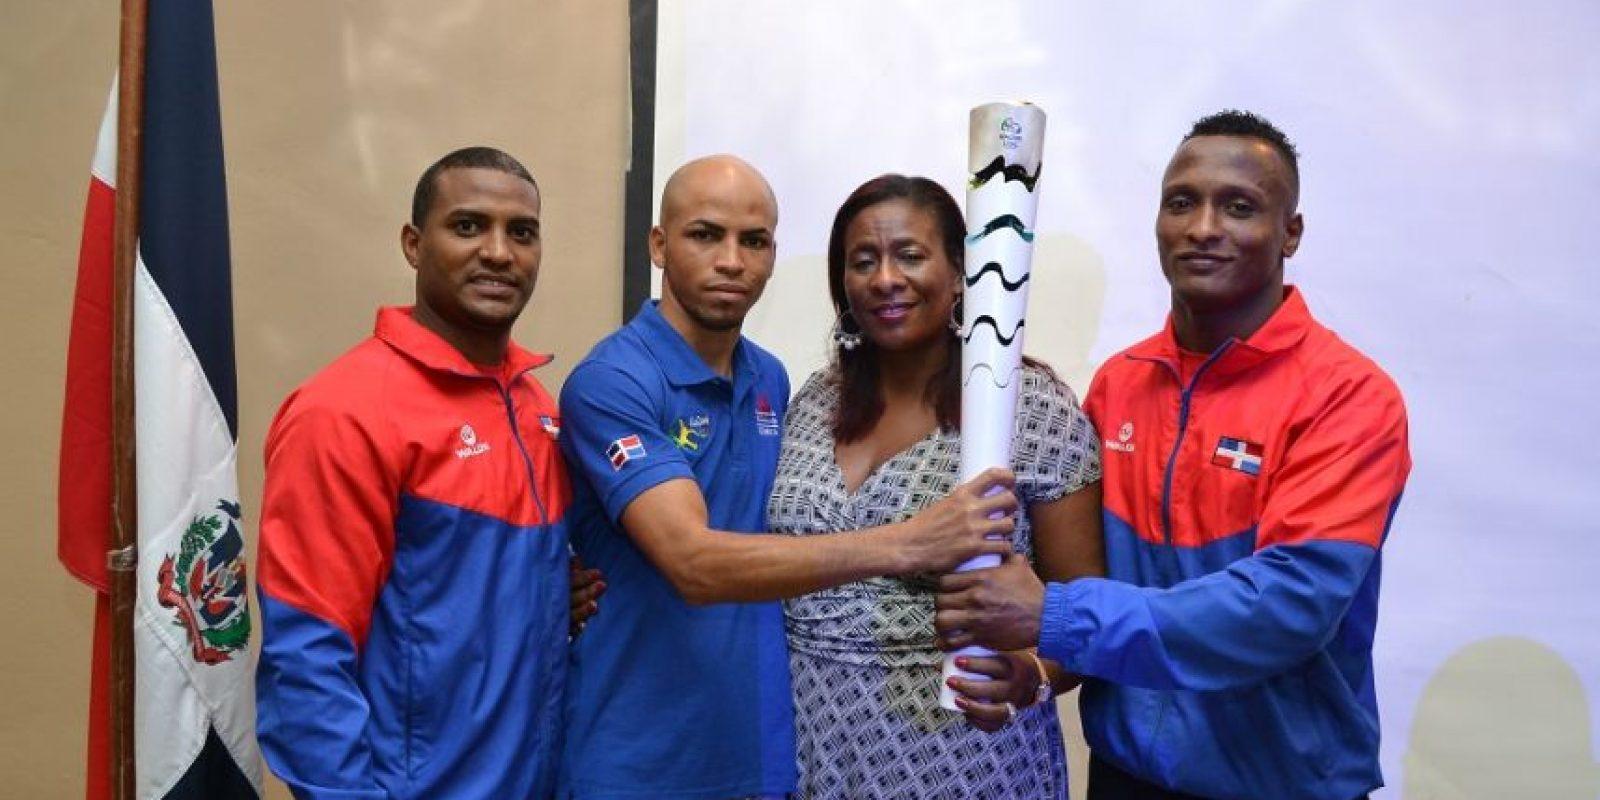 El entrenador Wilkin Ogando, Héctor García, Dulce María Piña y Wander Mateo. Foto:Mario de Peña